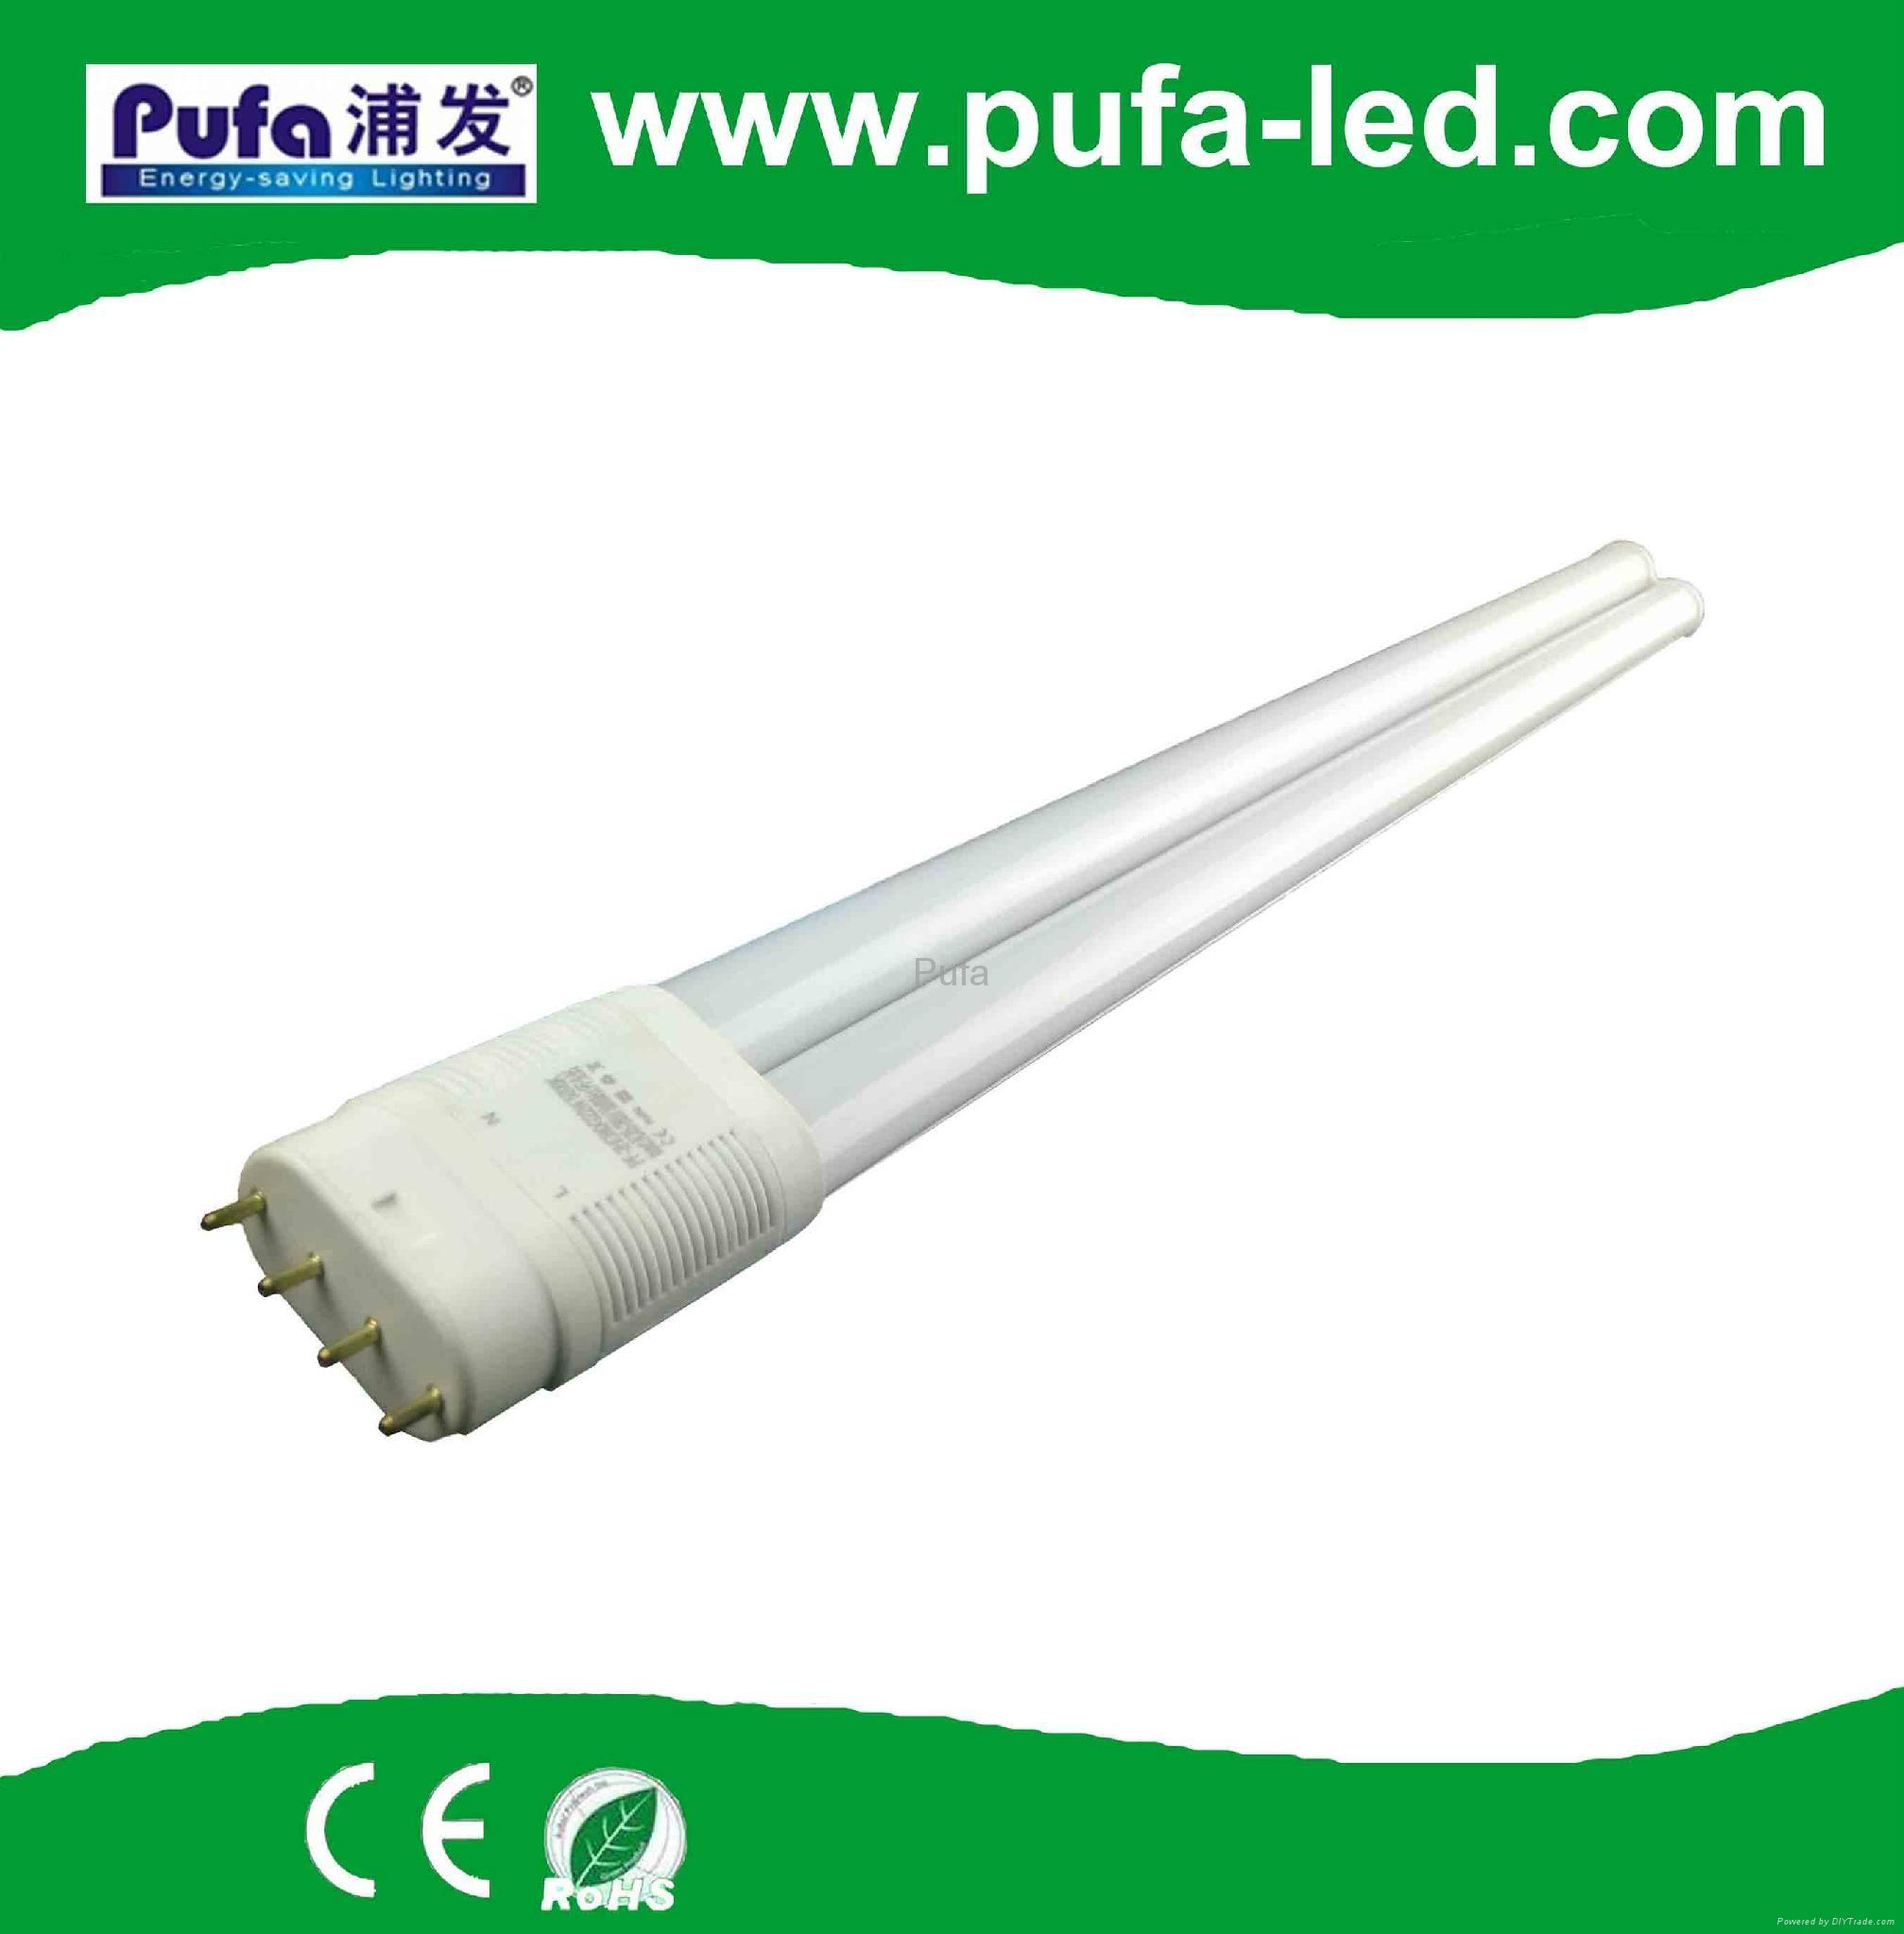 LED 2G11 横插灯管26W 电源外置 2